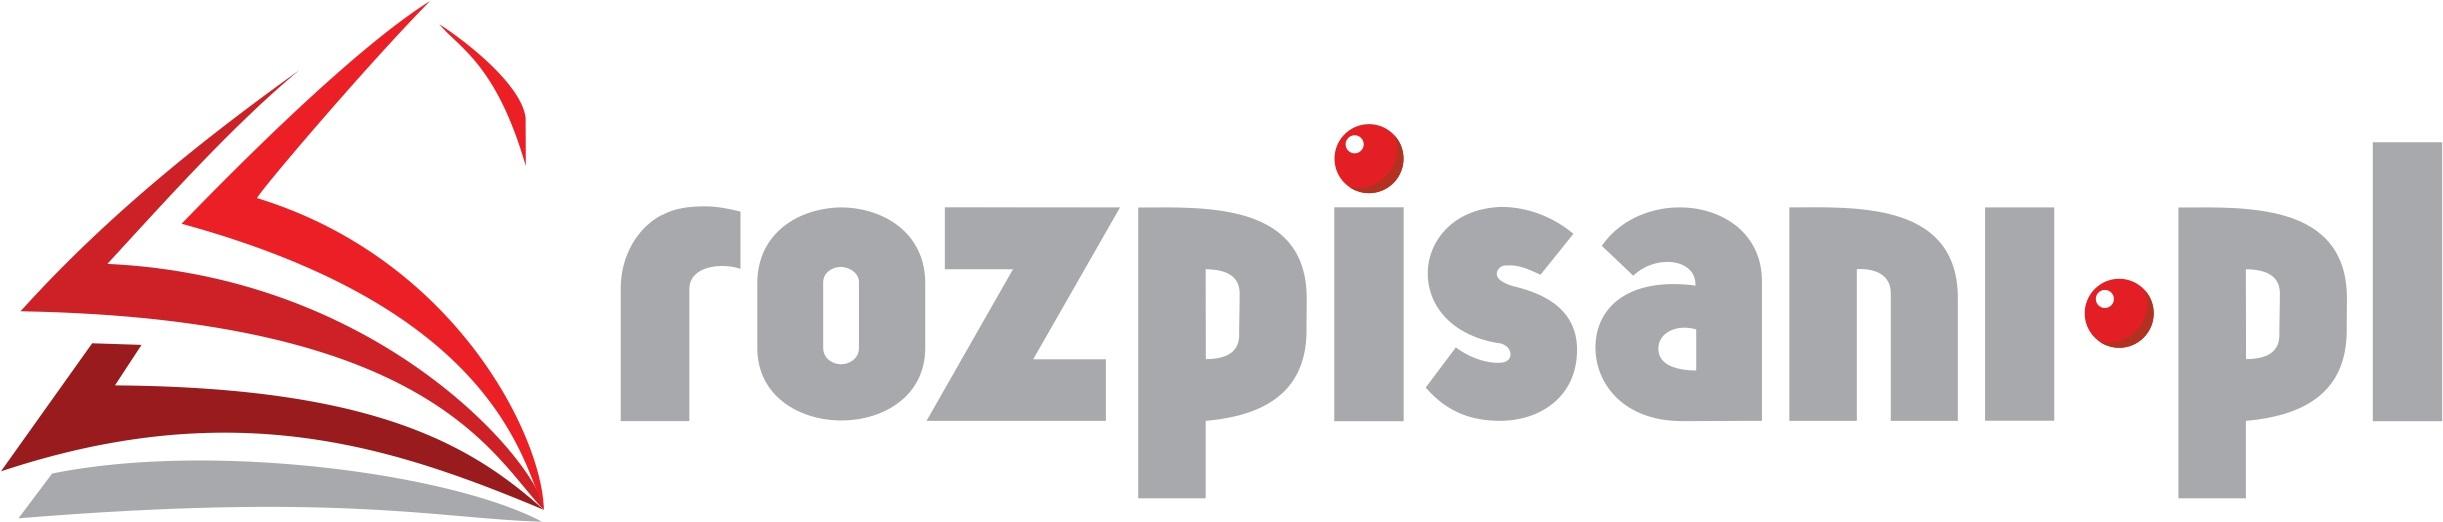 rozpisani_nowe logo